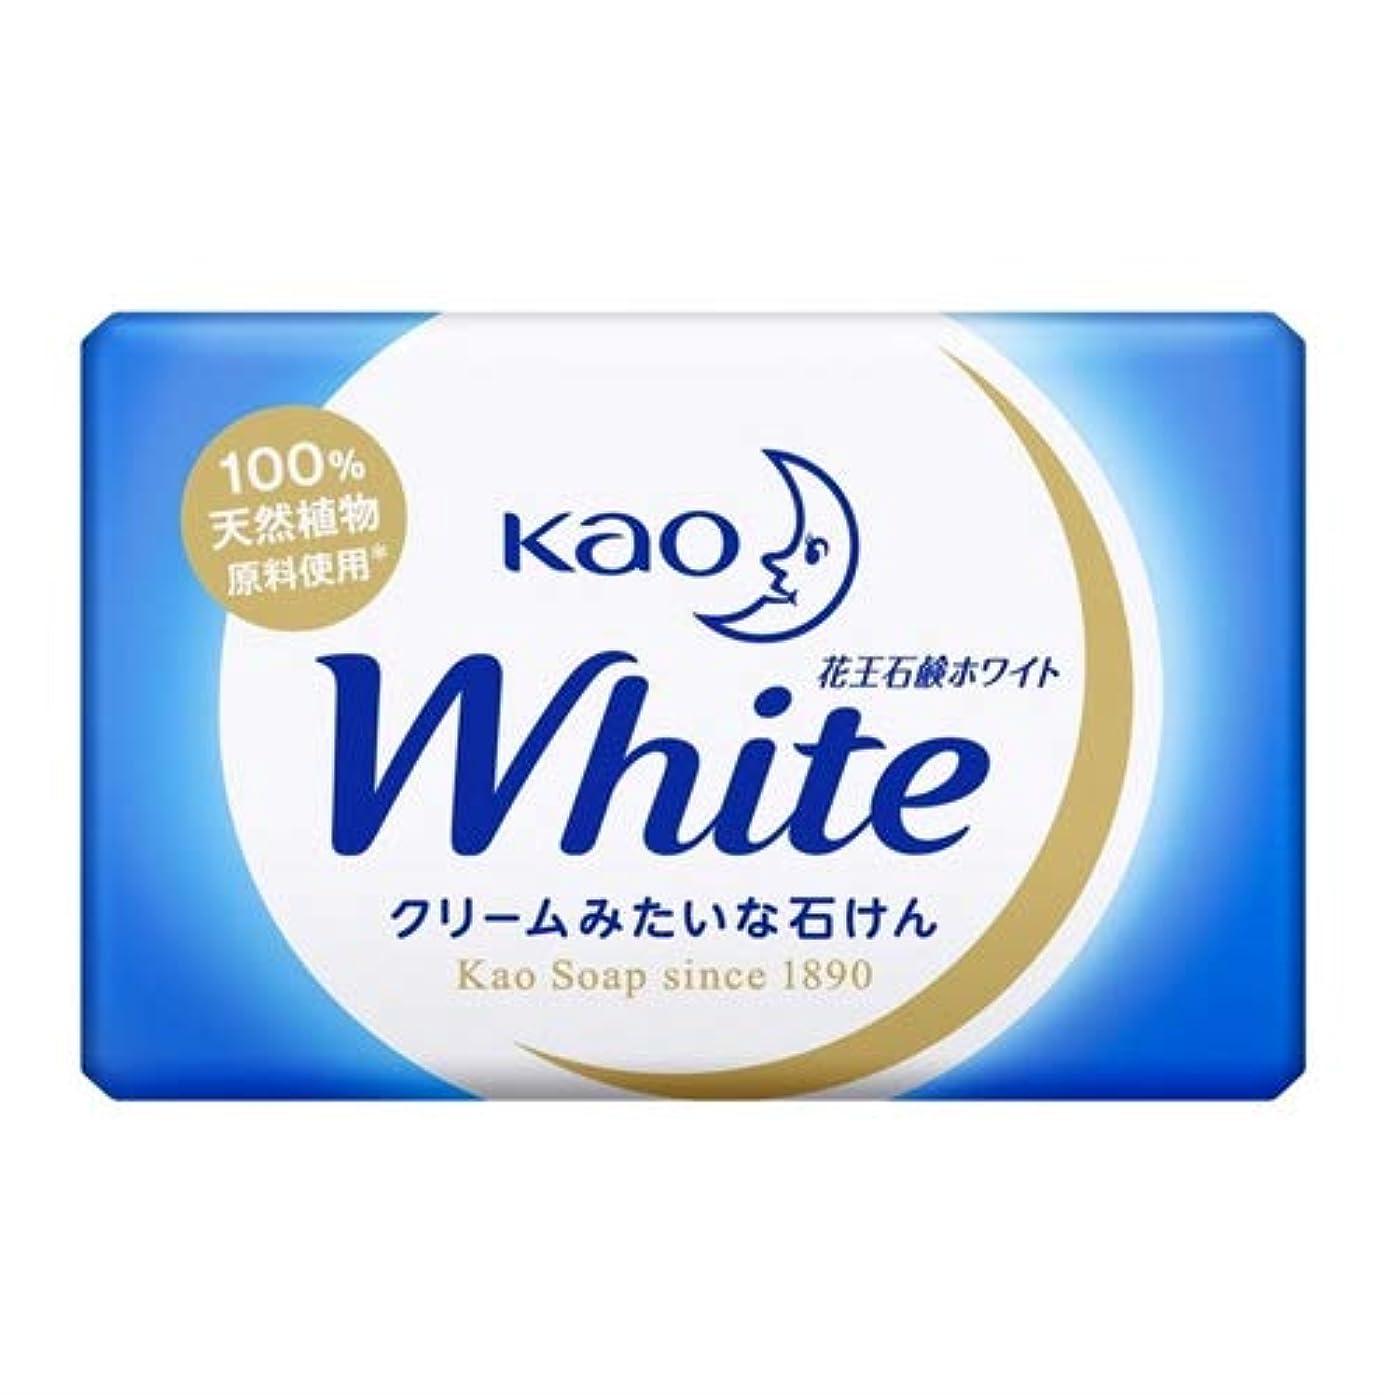 フェロー諸島公平なカート花王石鹸ホワイト 業務用ミニサイズ 15g × 5個セット